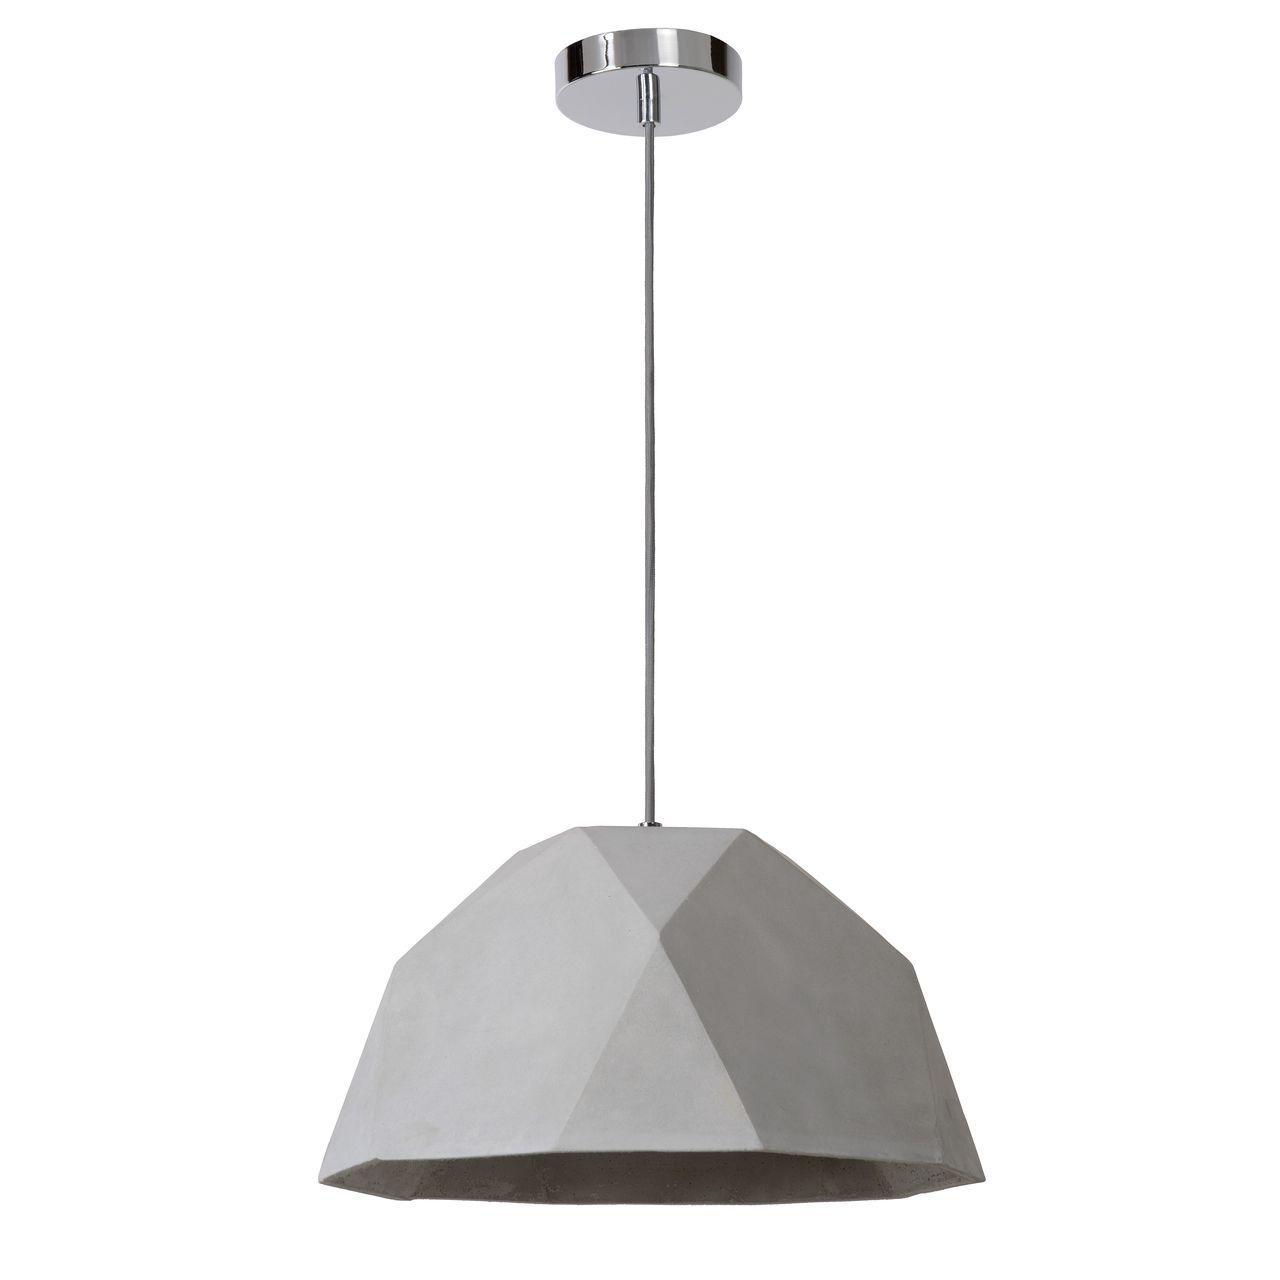 Подвесной светильник Lucide Solo34426/38/41 подвесной светильник lucide solo 34405 40 41